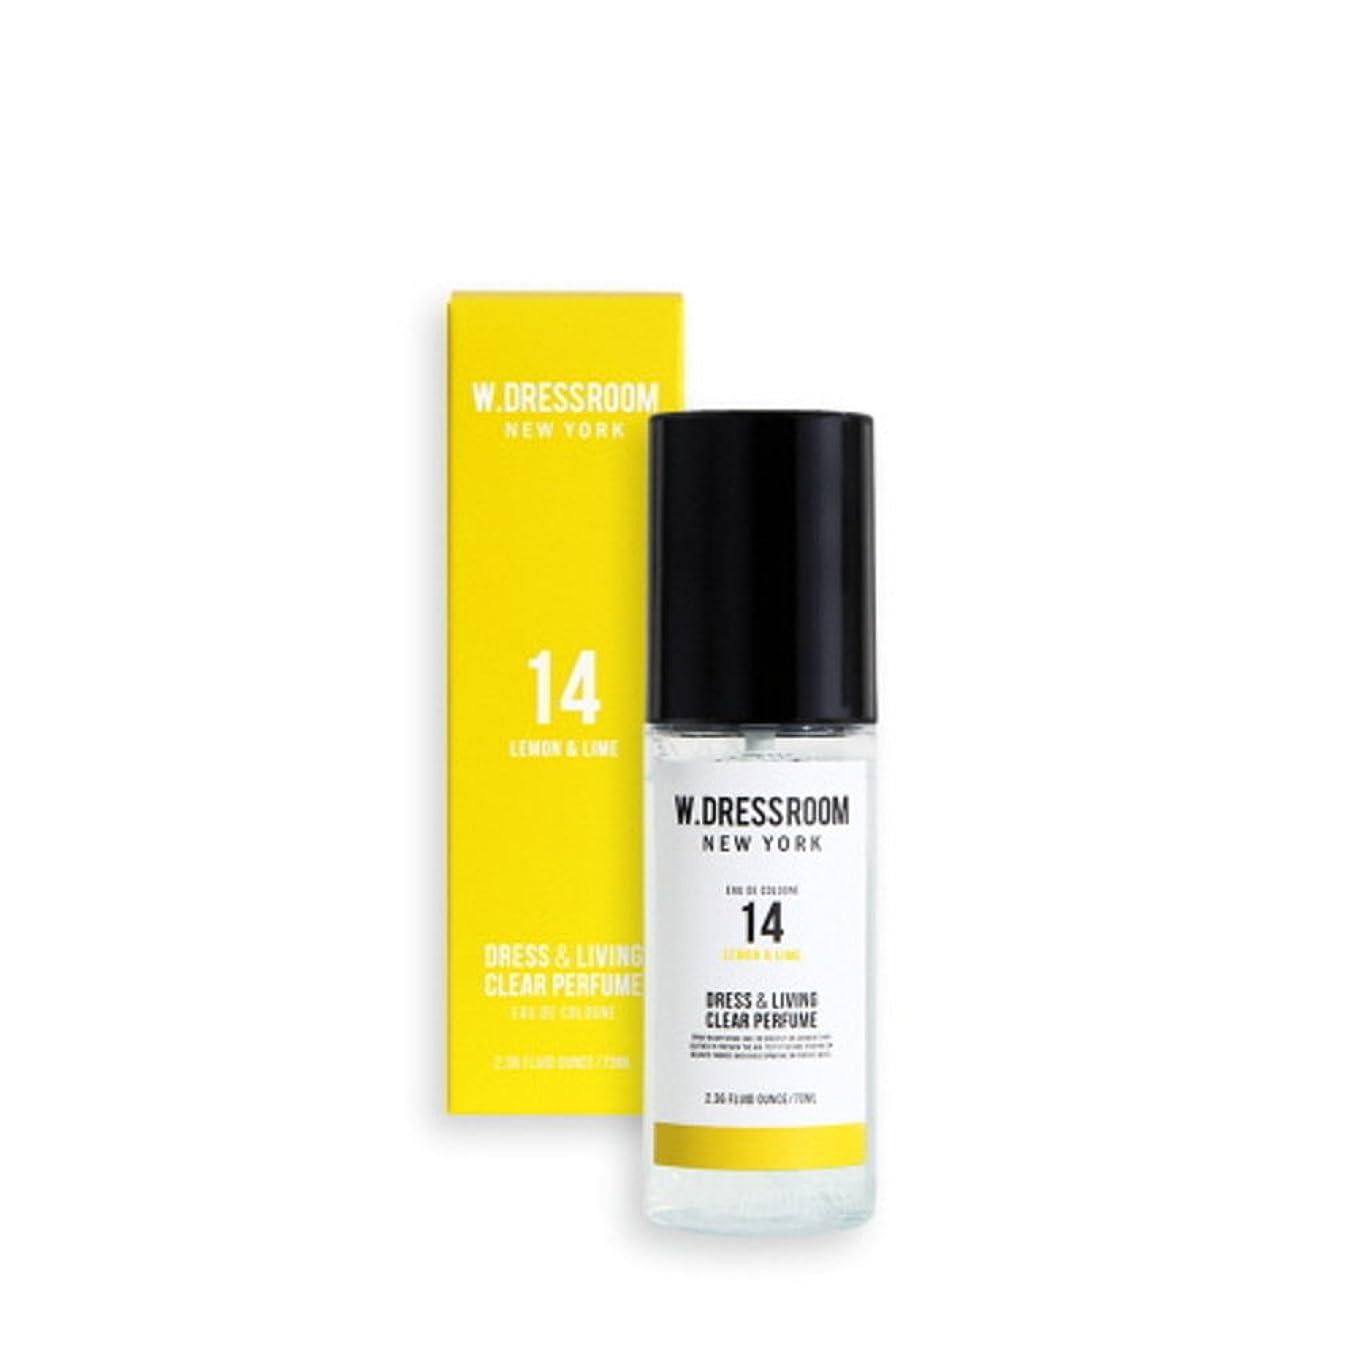 ミントスパークポーターW.DRESSROOM Dress & Living Clear Perfume fragrance 70ml (#No.14 Lemon & Lime)/ダブルドレスルーム ドレス&リビング クリア パフューム 70ml (#No.14 Lemon & Lime)